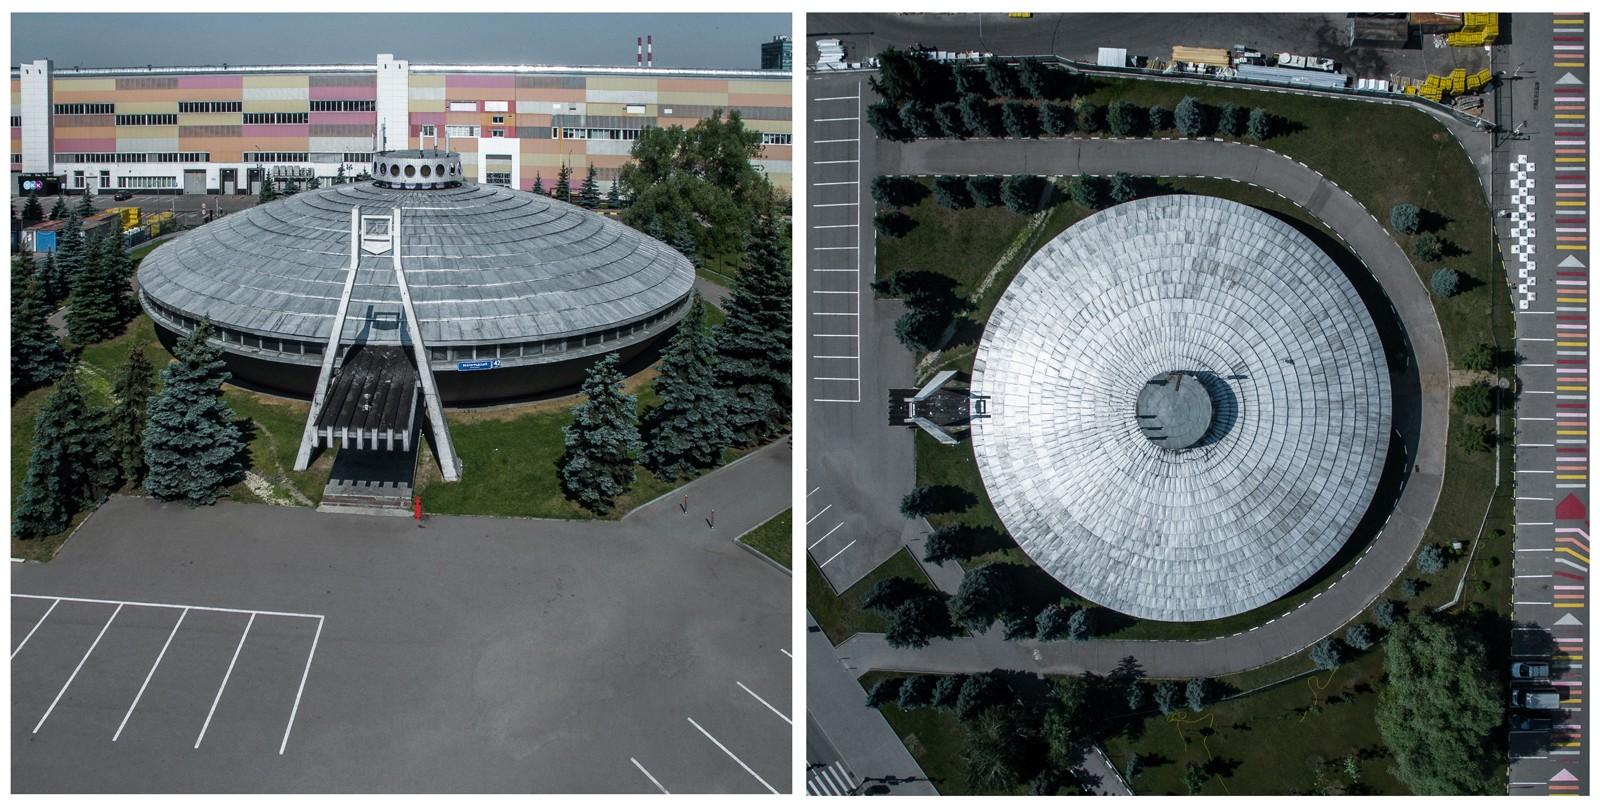 Строительство Музея Автомобильного завода имени Ленинского Комсомола по проекту архитектора Ю.А. Рег